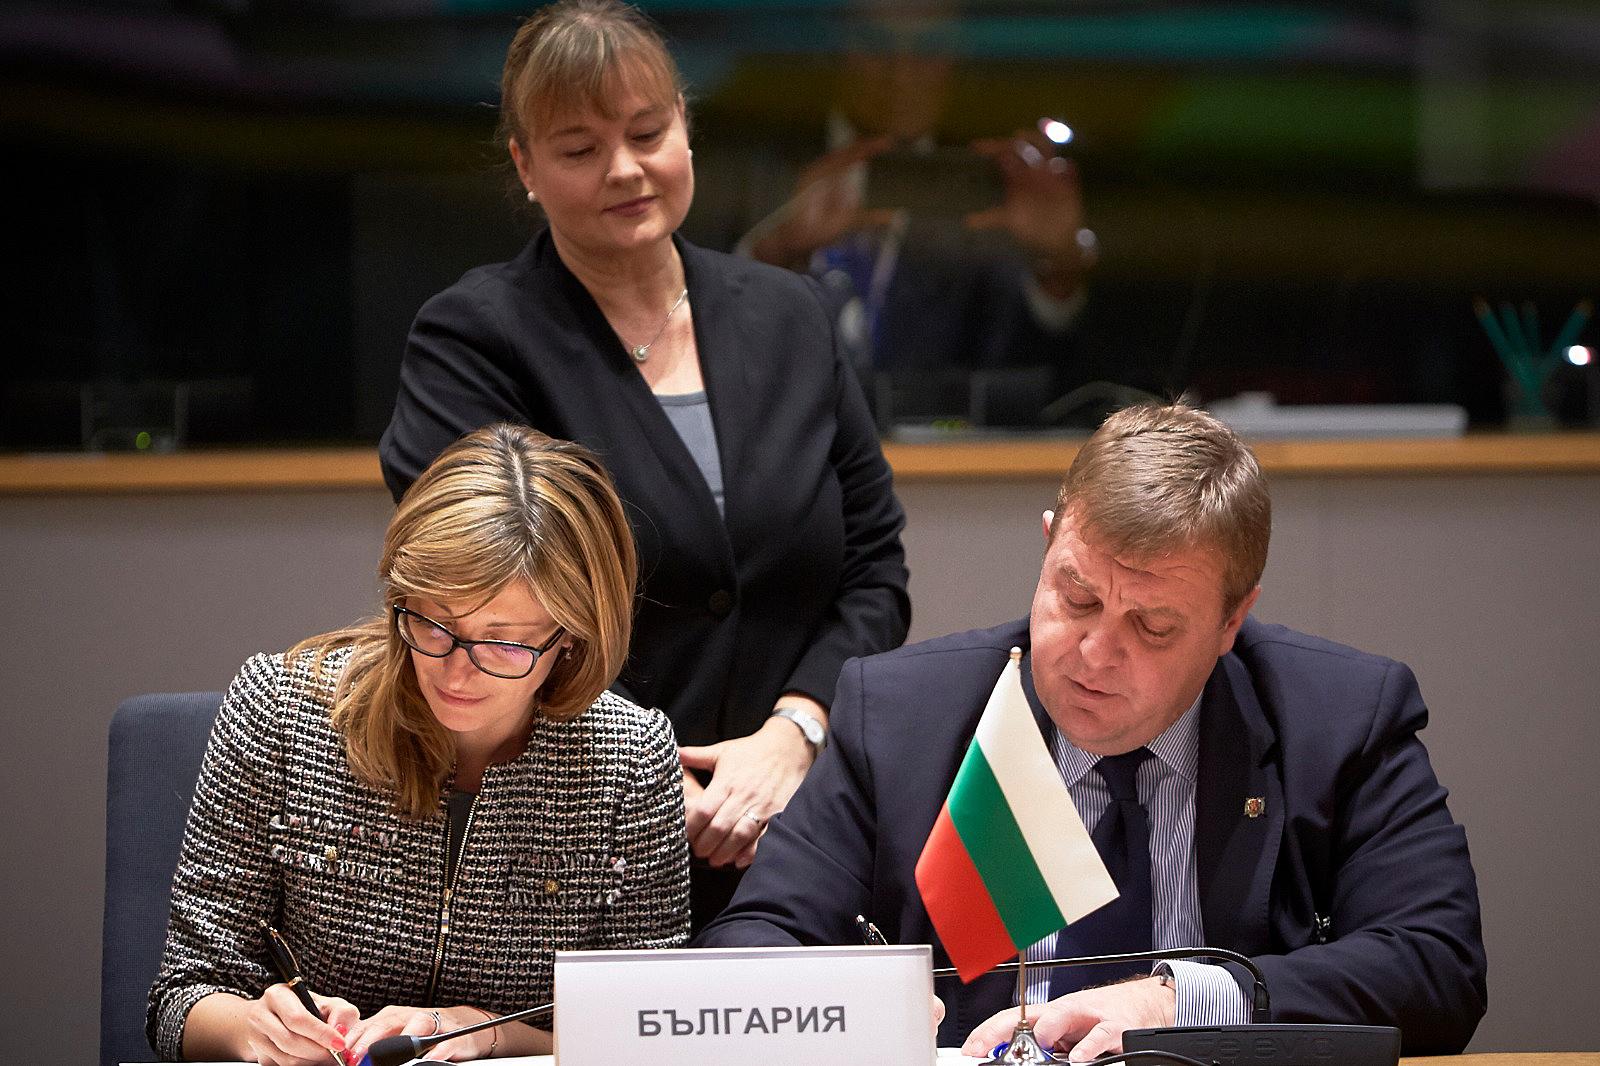 23 държави от ЕС се договориха за общи проекти в отбраната